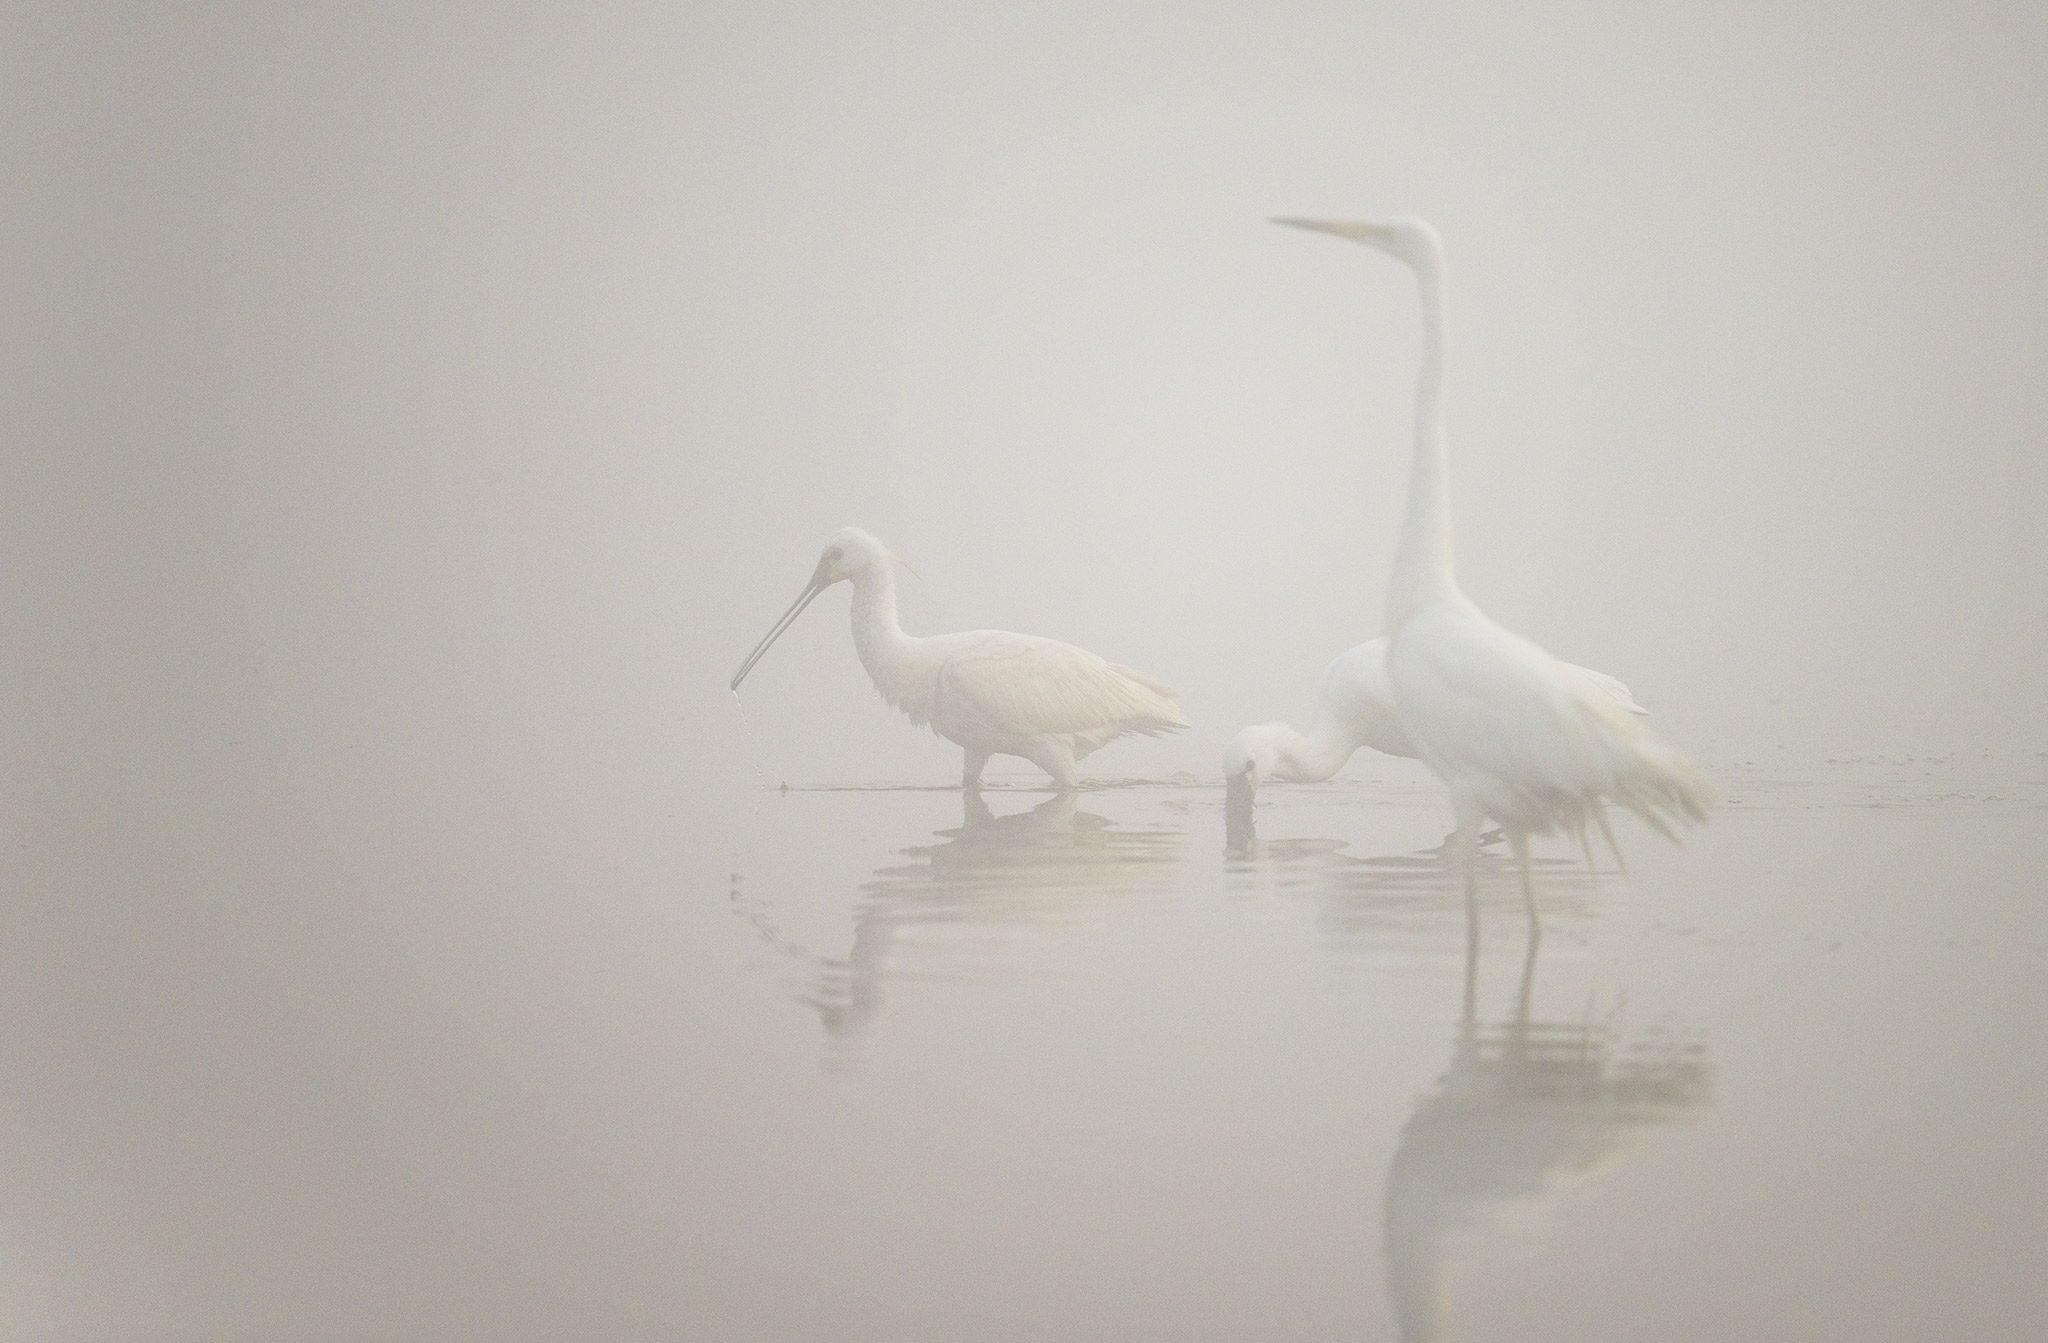 Spatules blanches, grande aigrette, temps de brouillard, marais de La Bassée, Baie de Somme, Picardie, France